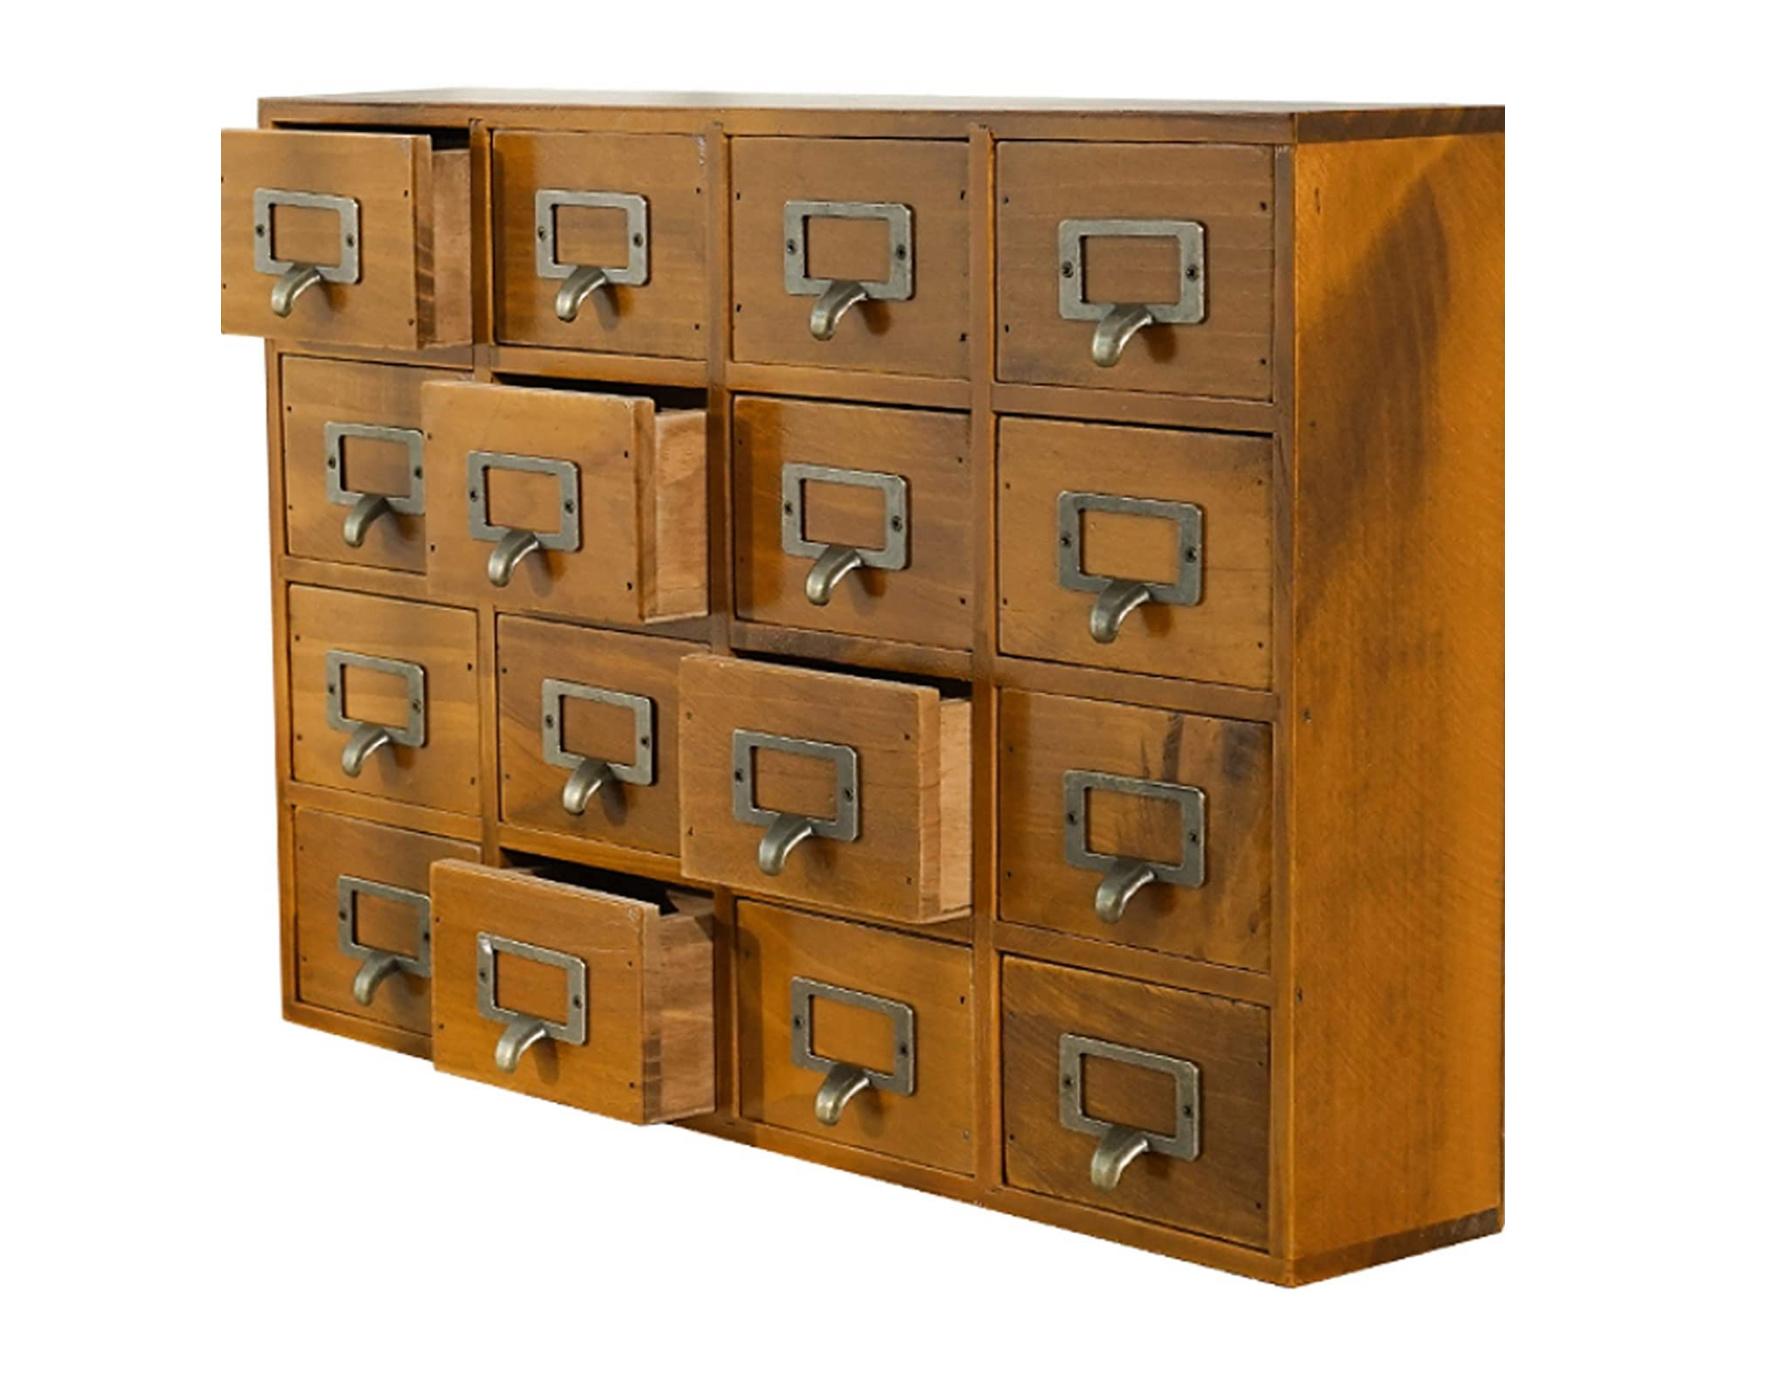 Supply Desk Drawer Organizer - Wooden Storage Box with 16 Drawers